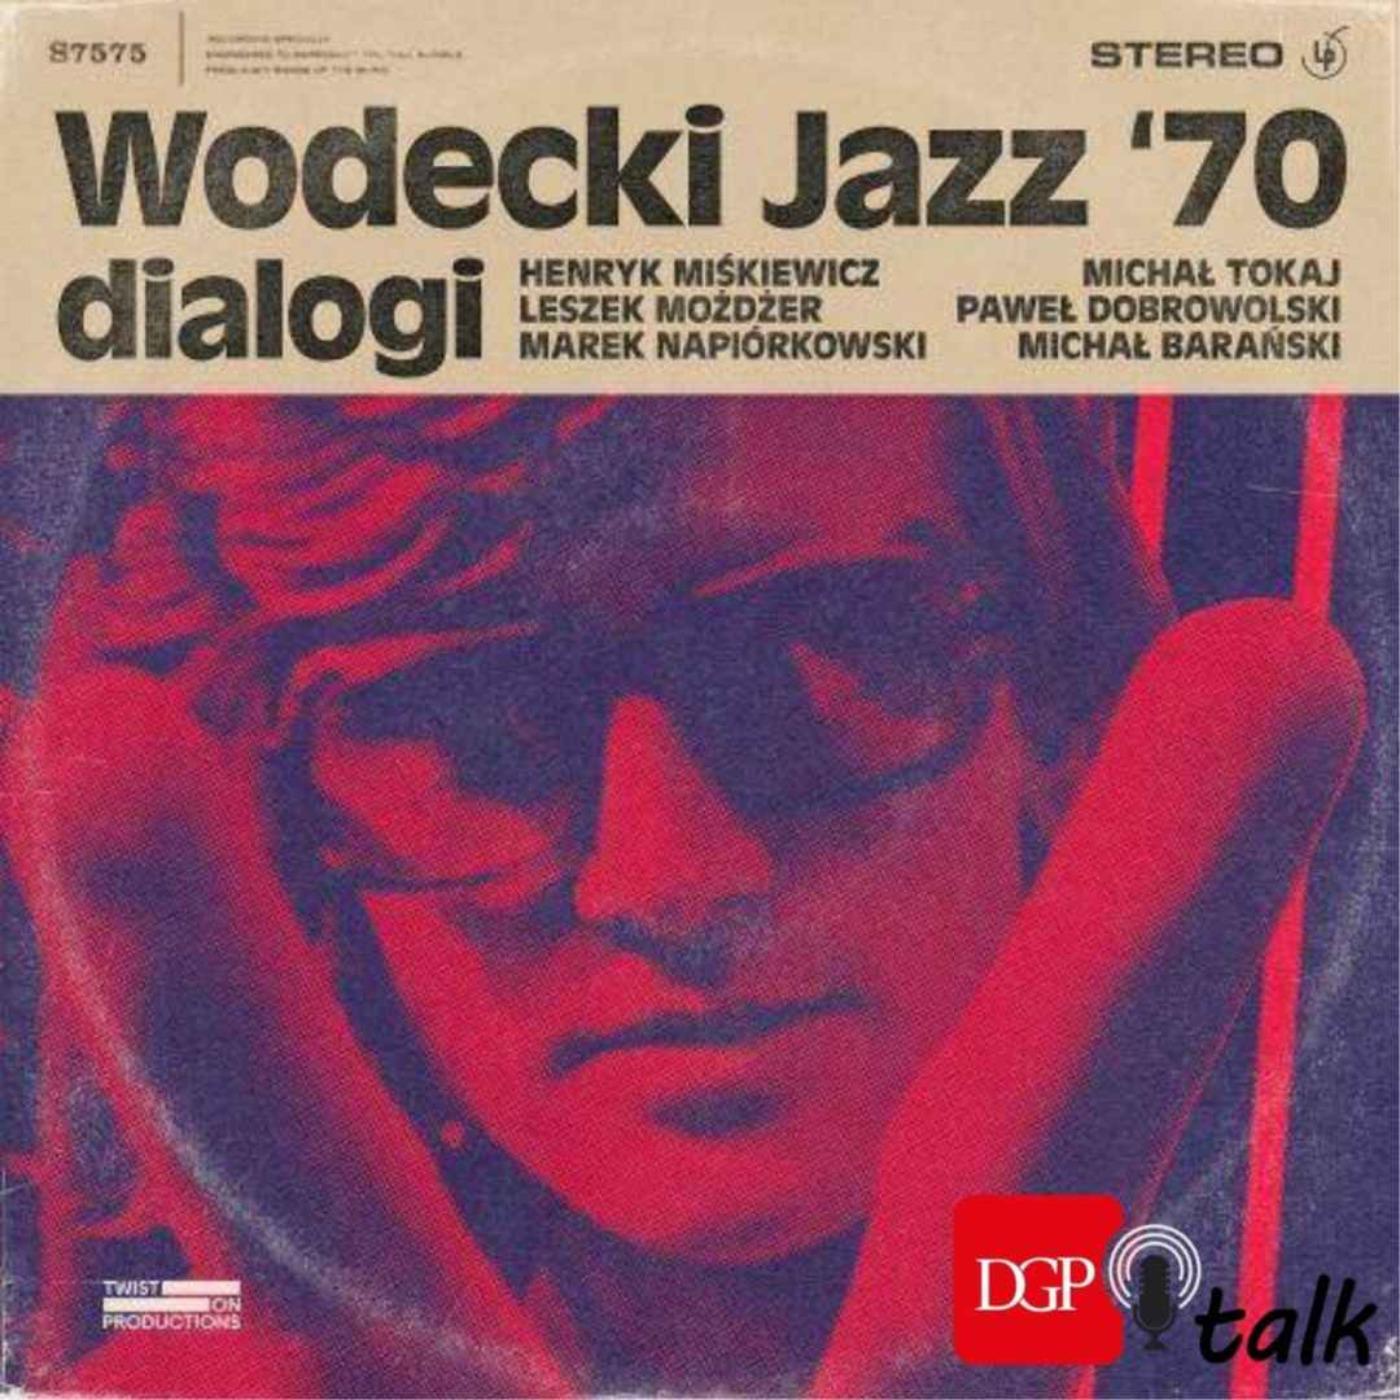 """Kasia Wodecka-Stubbs o płycie """"Wodecki Jazz '70 – dialogi"""": """"Nikt by się po Tacie tego nie spodziewał"""""""